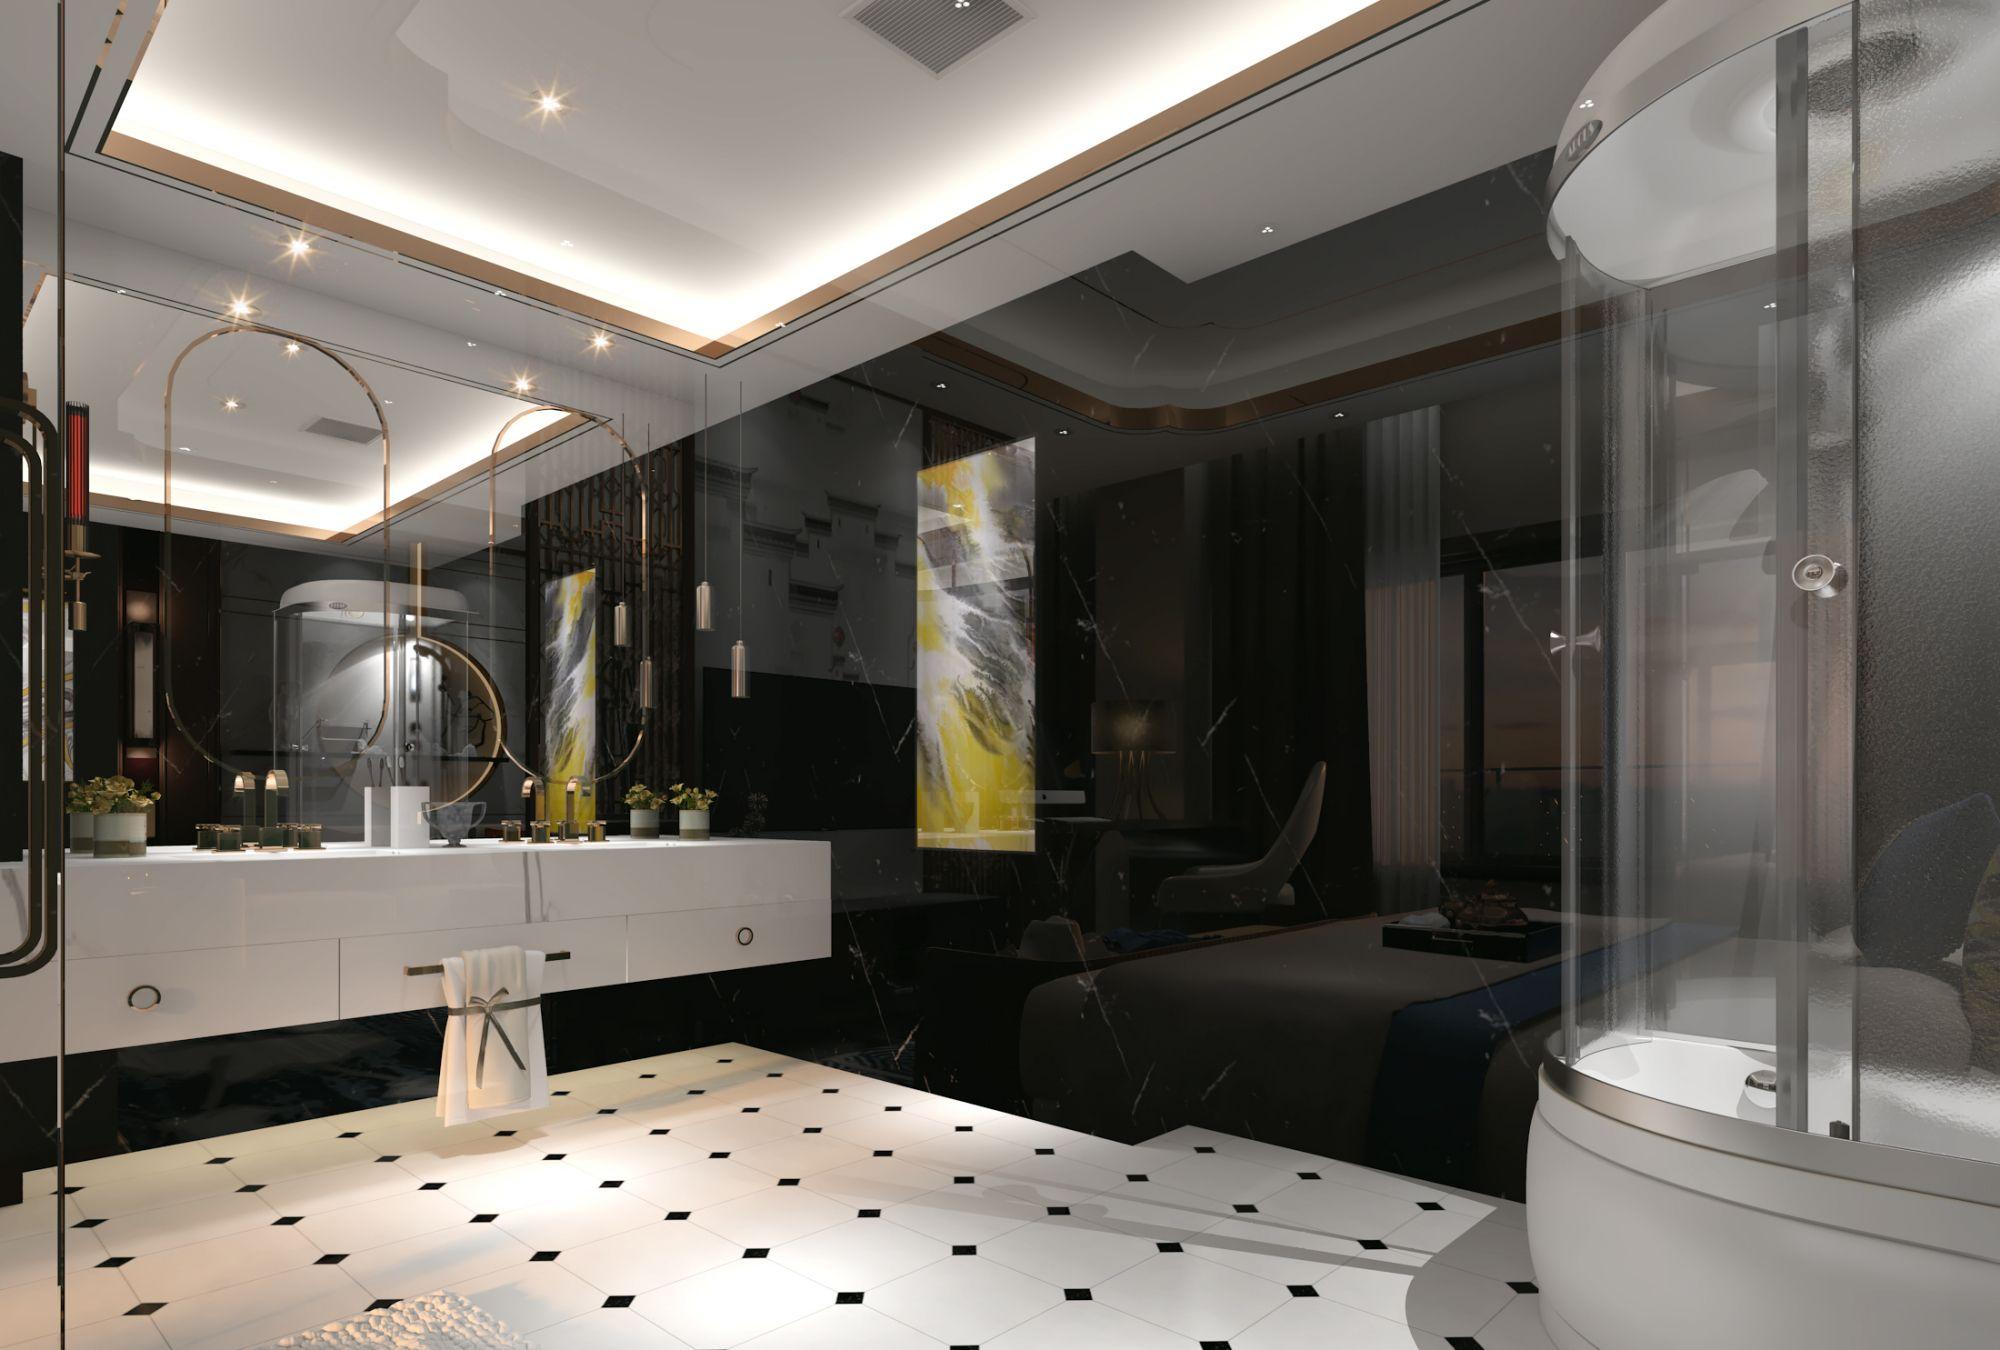 乌鲁木齐最炫的室内设计,百度搜索(何立新设计师)里面更多案例